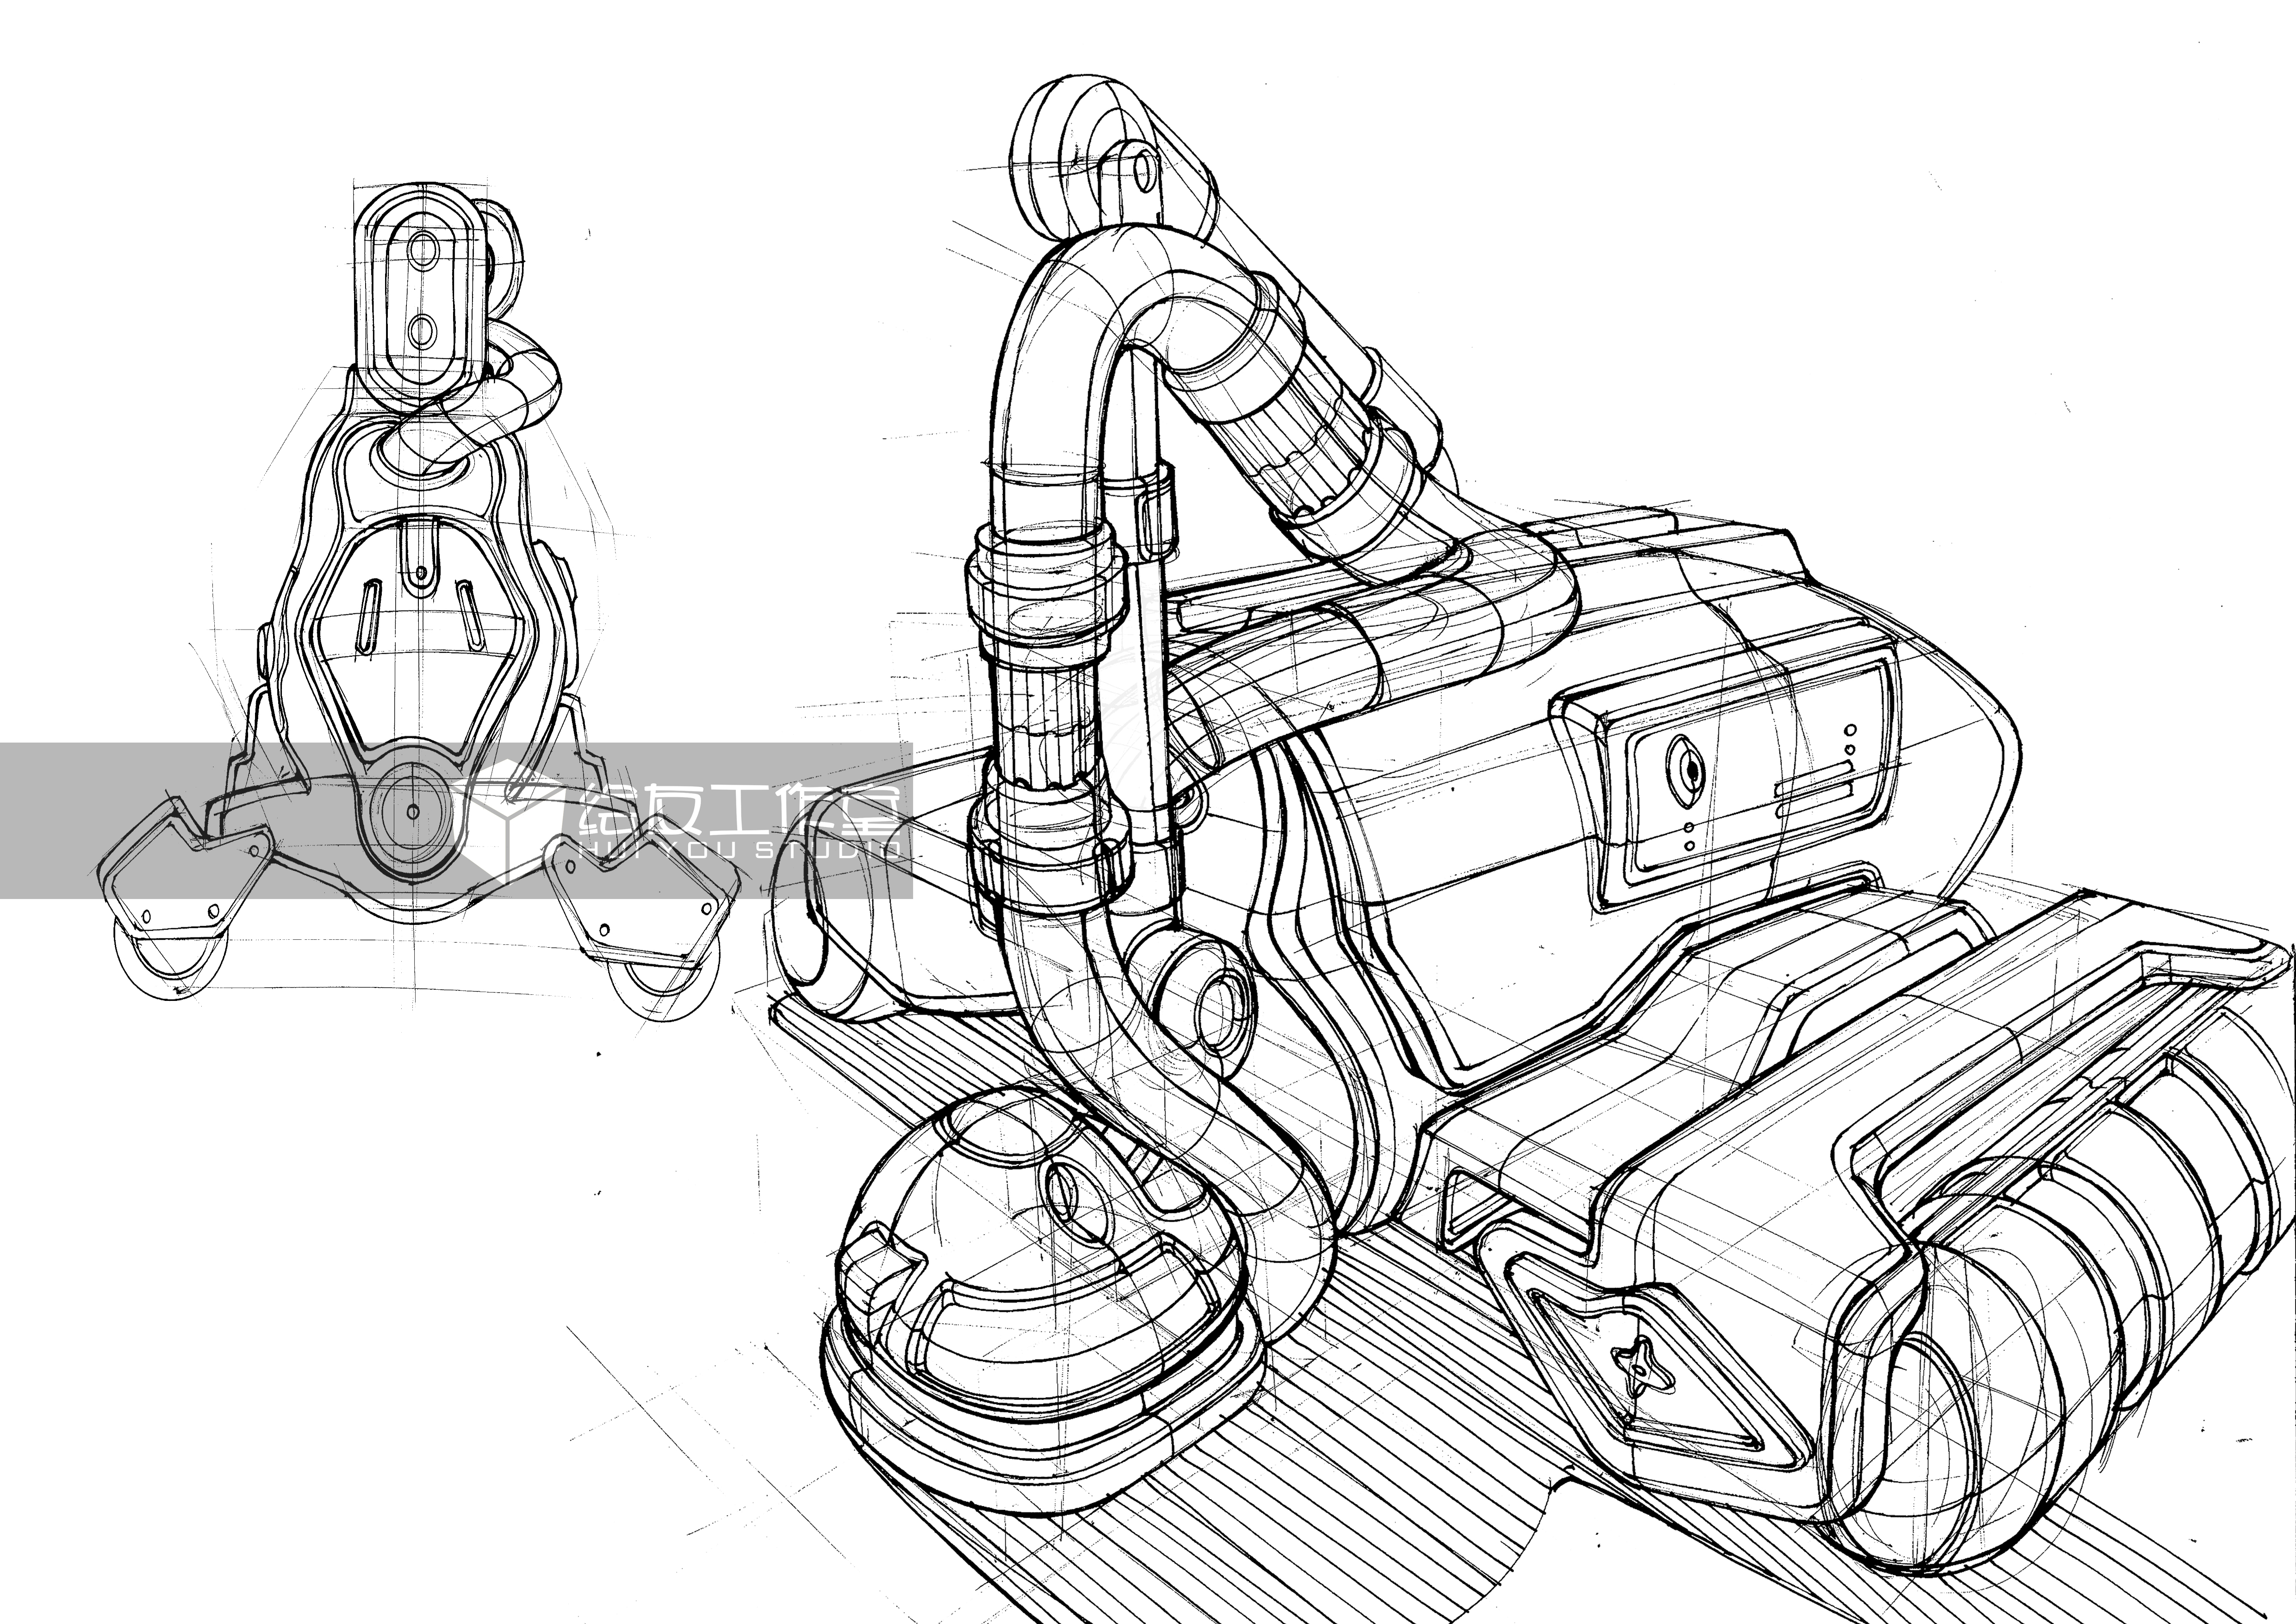 手绘概念水泥车线稿——工业设计产品手绘